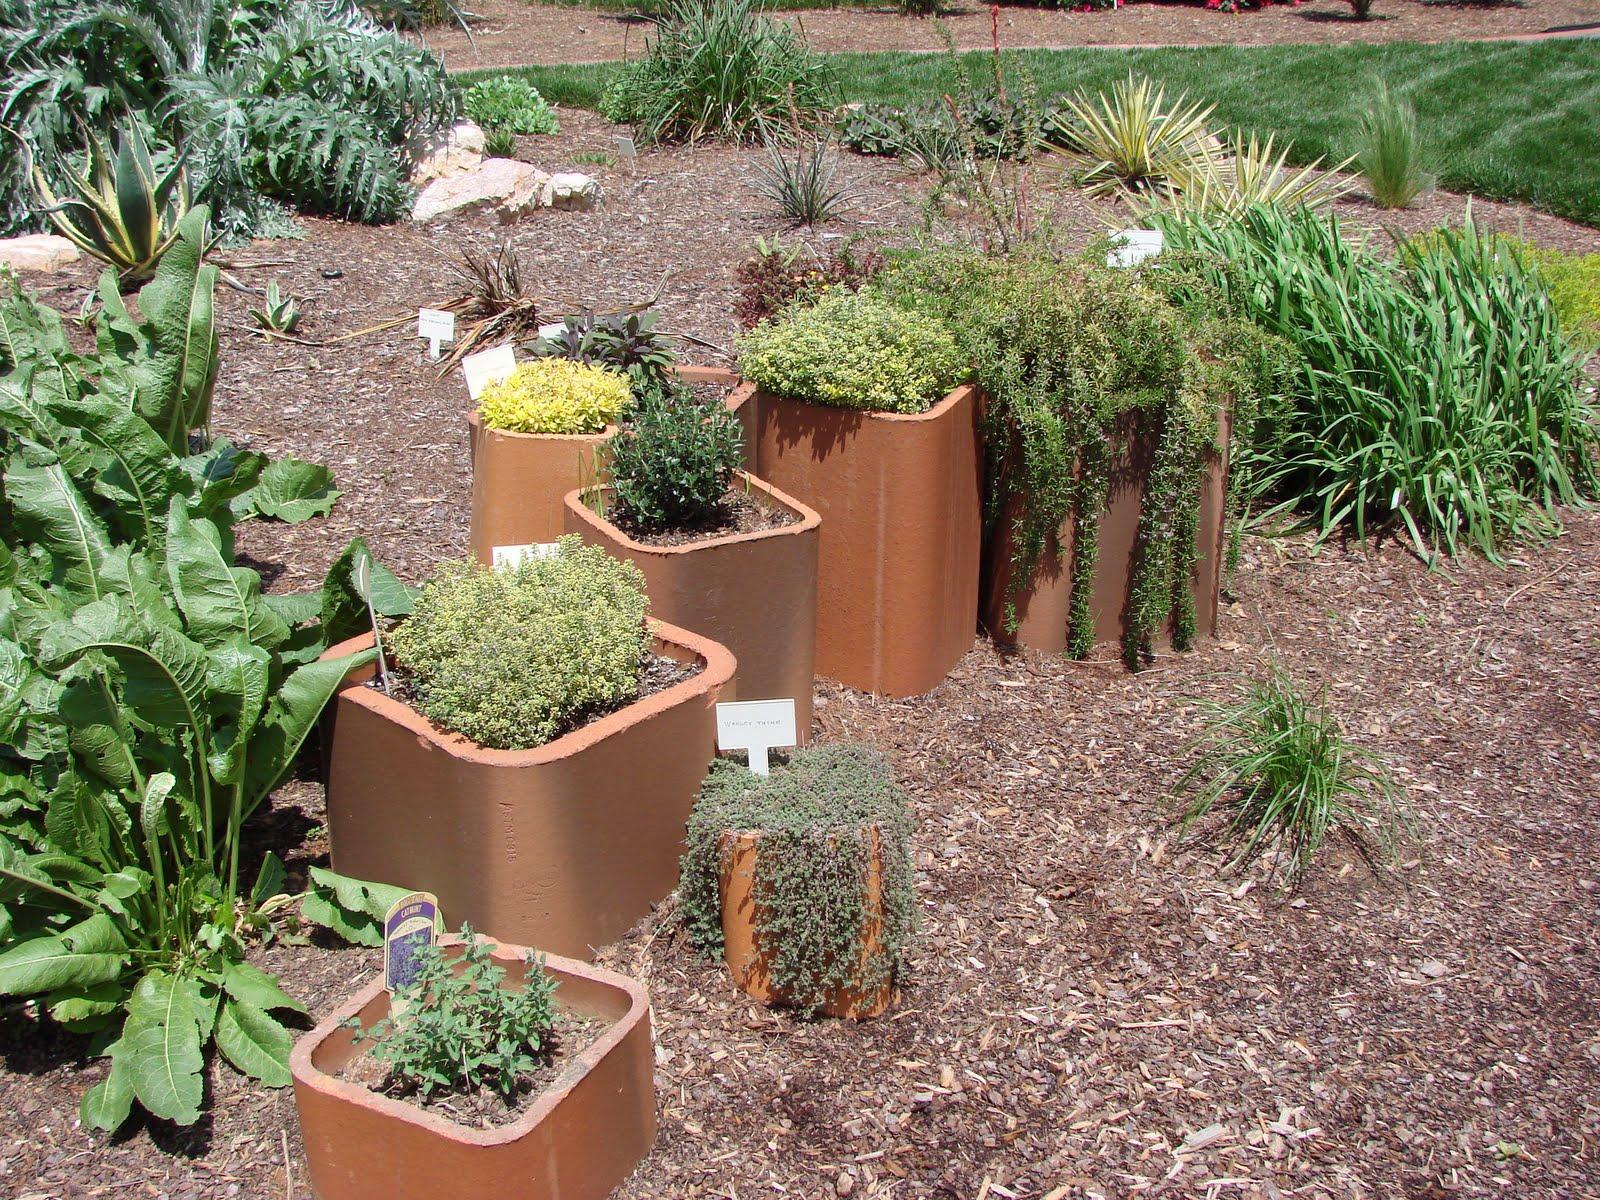 http://2.bp.blogspot.com/-F74maJb-uG4/Sz_UhDjUdeI/AAAAAAAAABw/ikr1S0tWVu0/s1600/Organ_Pipe_Herb_Garden_o.JPG